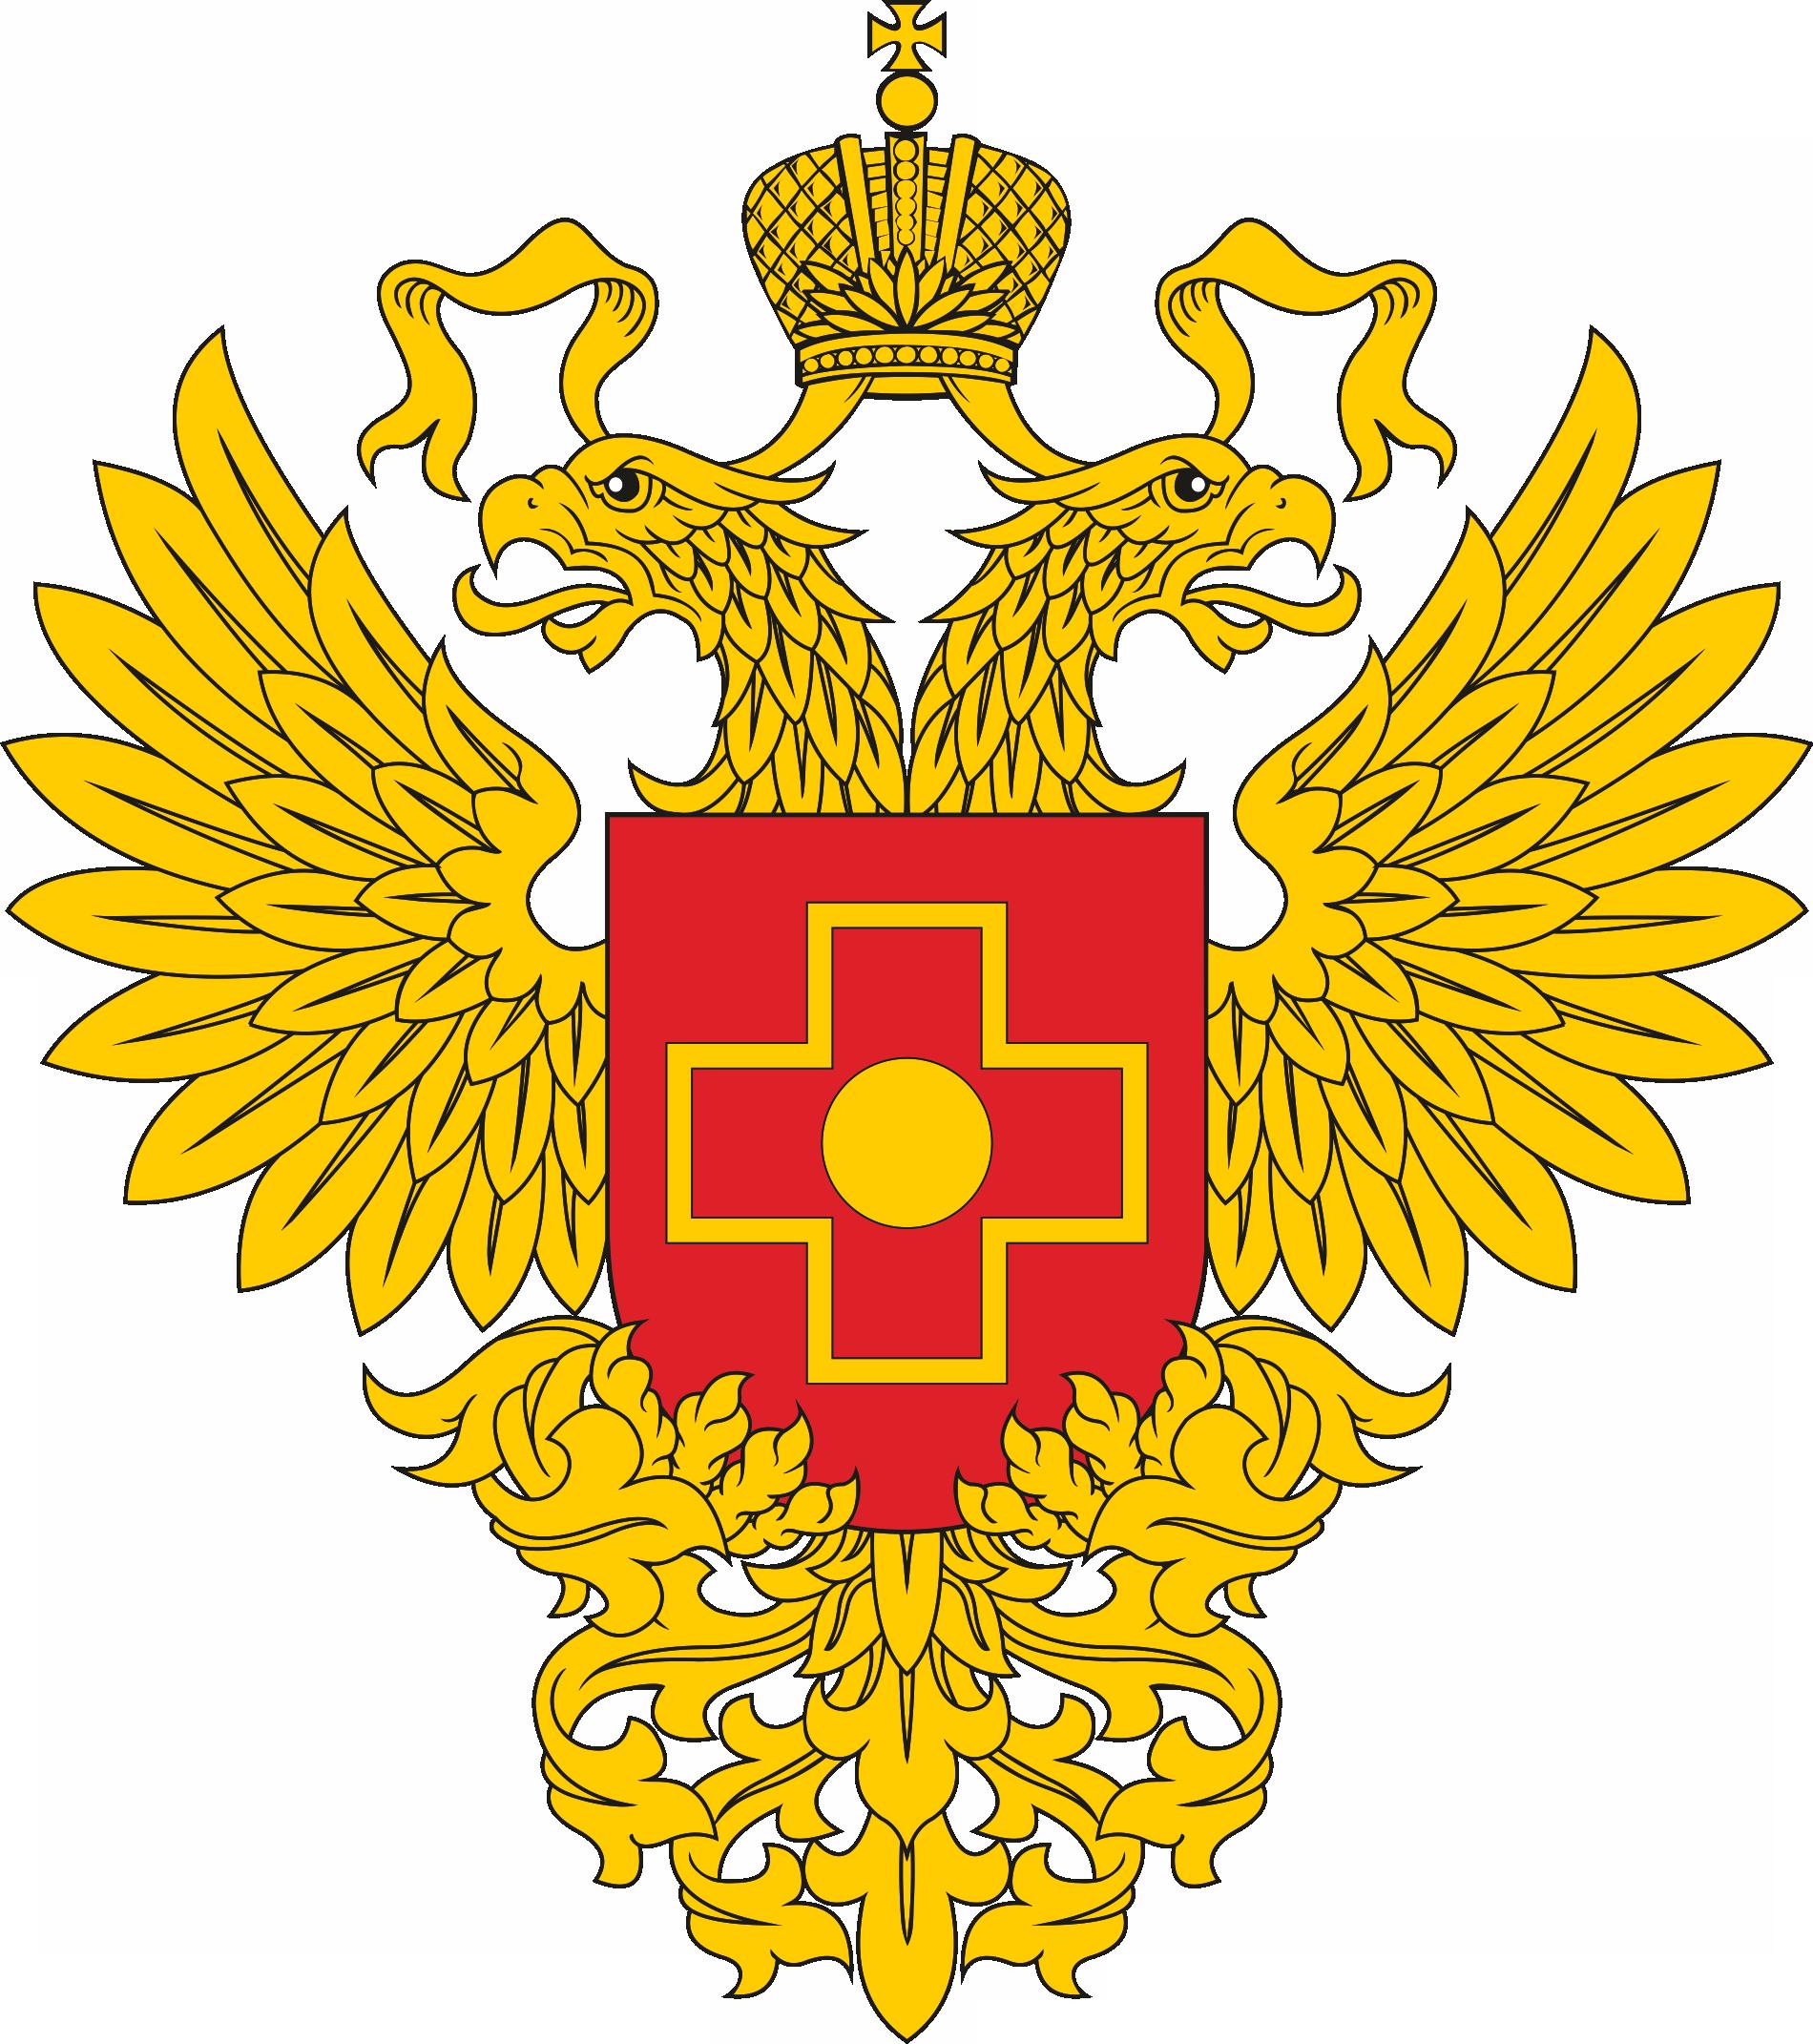 Векторная эмблема (герб) Федерального медико-биологического агентства (ФМБА)